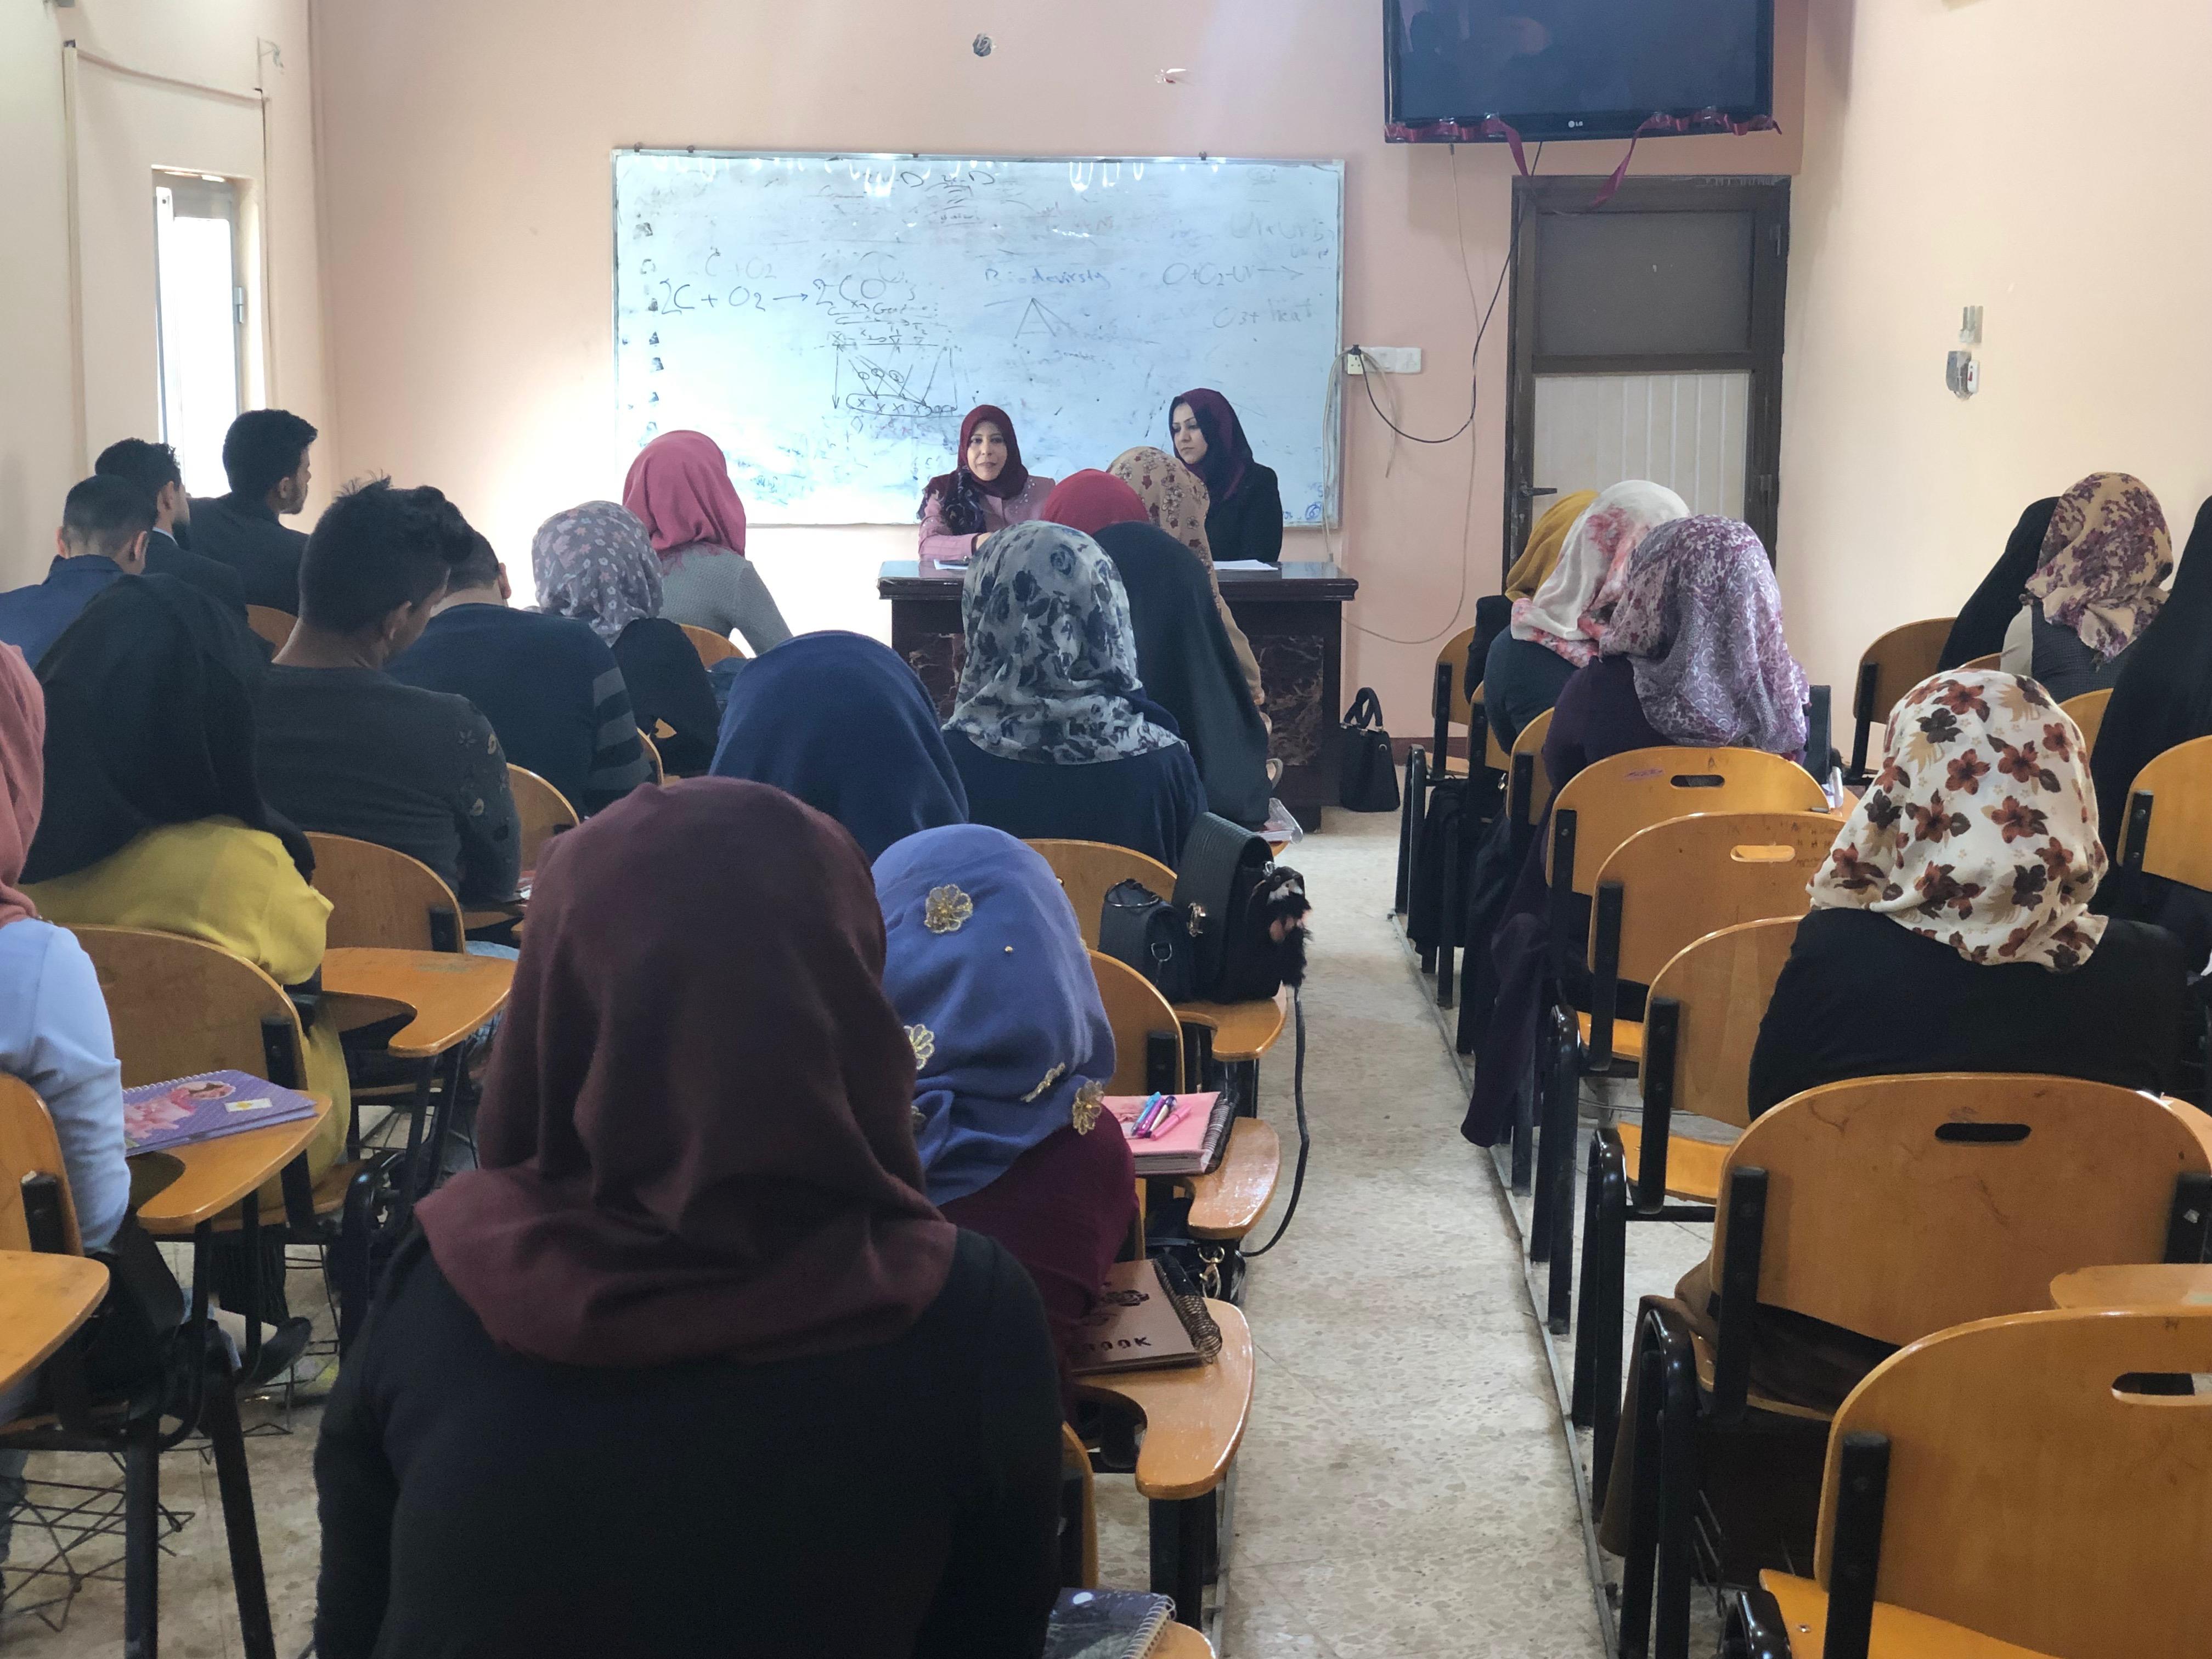 لجنة الارشاد التربوي في قسم البيئة/كلية العلوم تلتقي بطلبة القسم